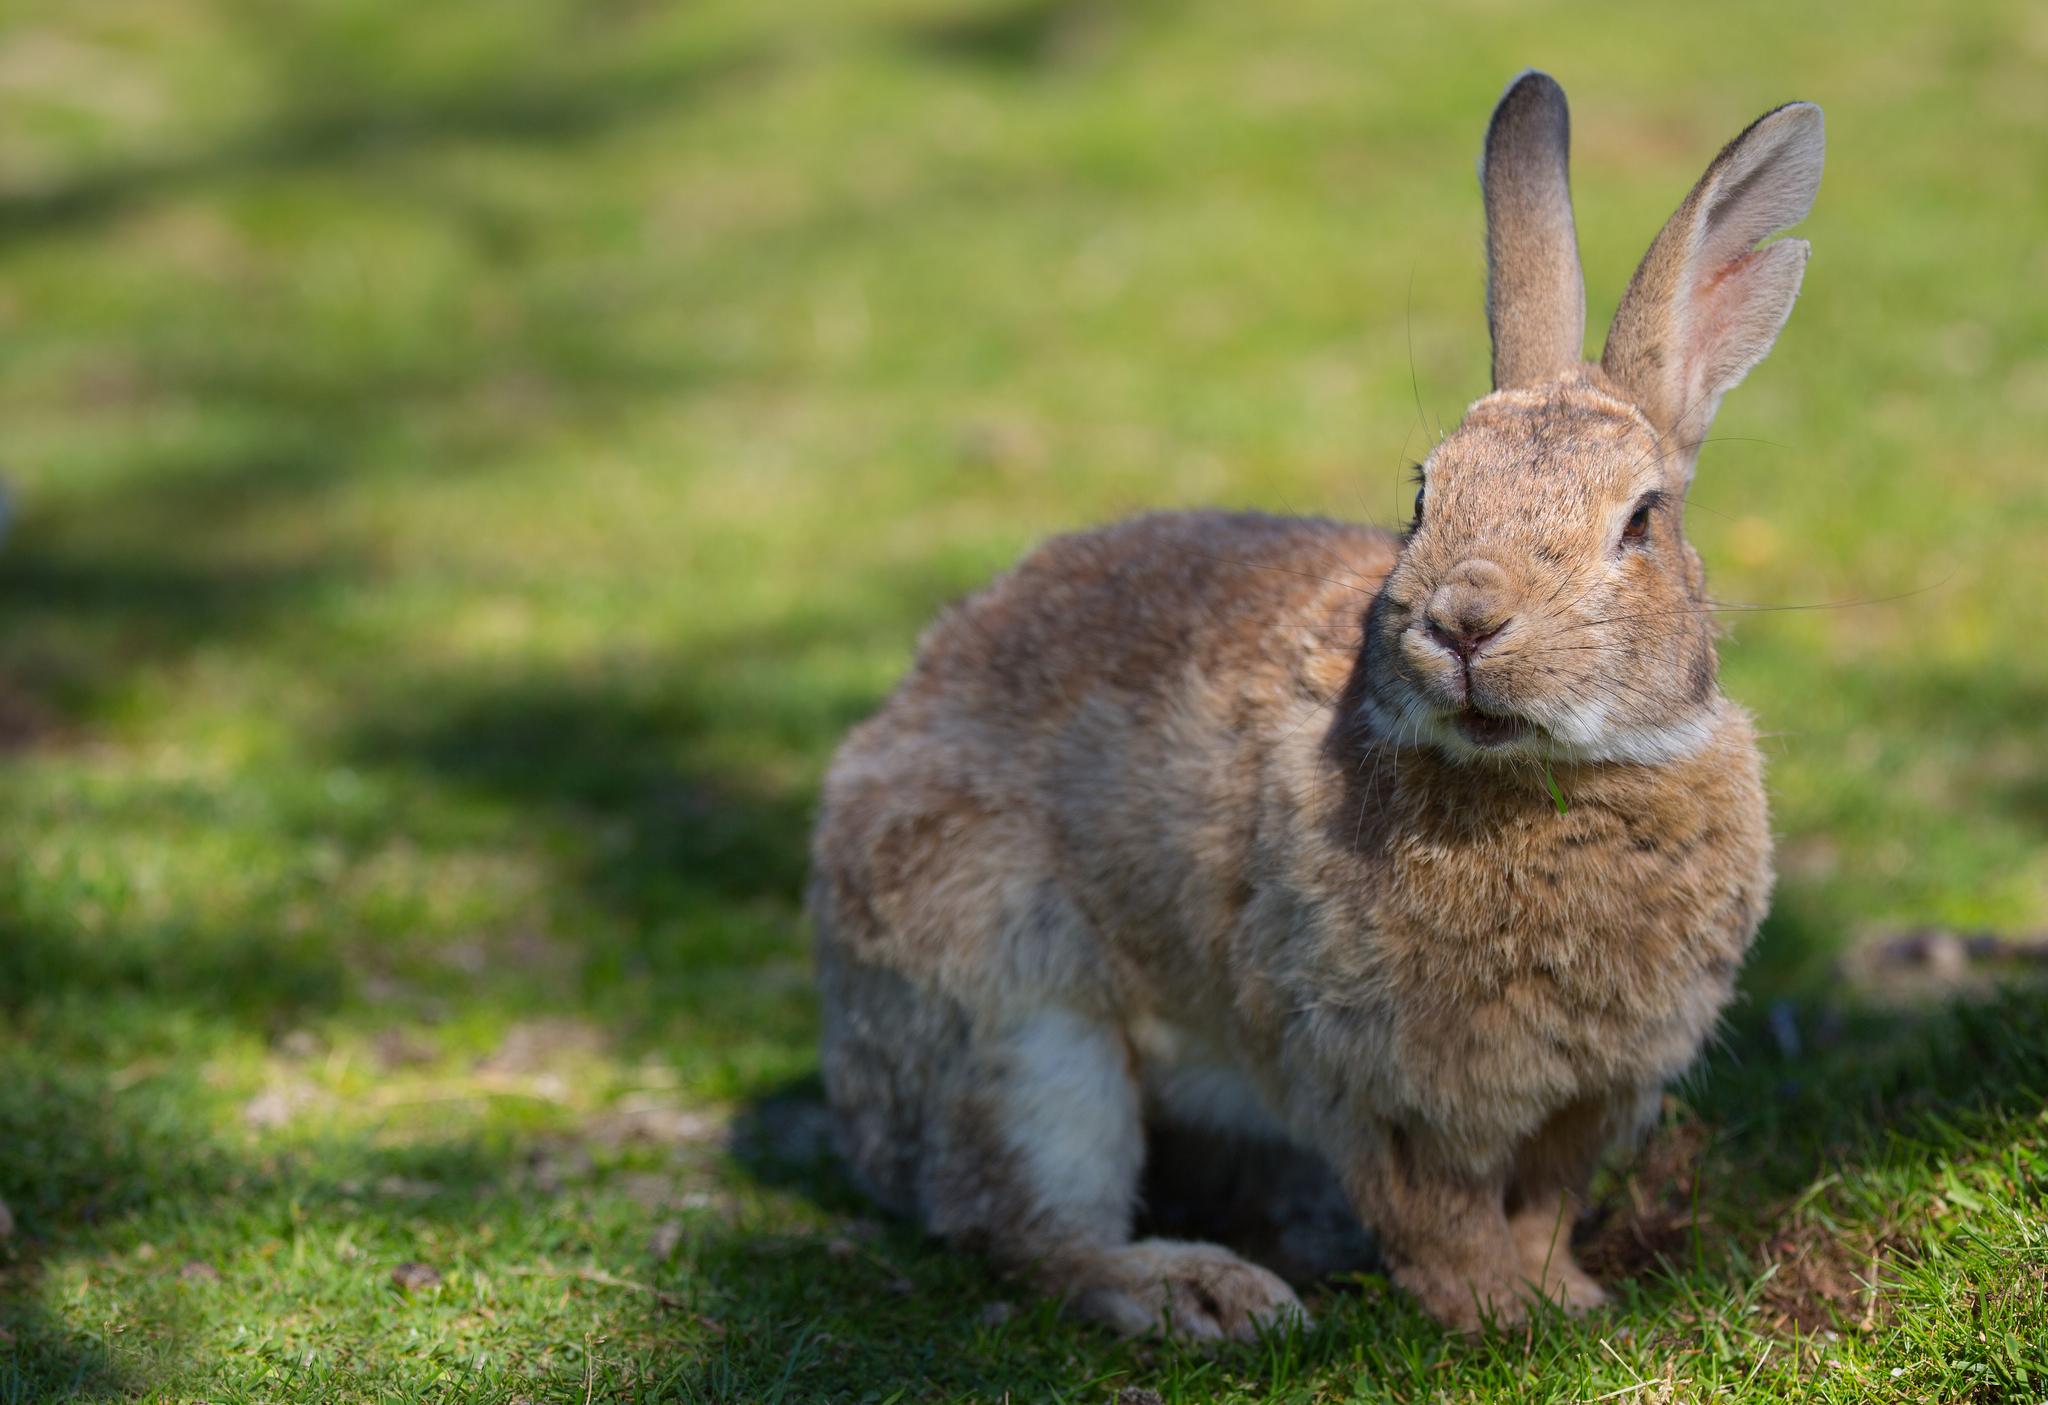 100104 Hintergrundbild herunterladen Kaninchen, Tiere, Grass, Schatten, Ohren - Bildschirmschoner und Bilder kostenlos